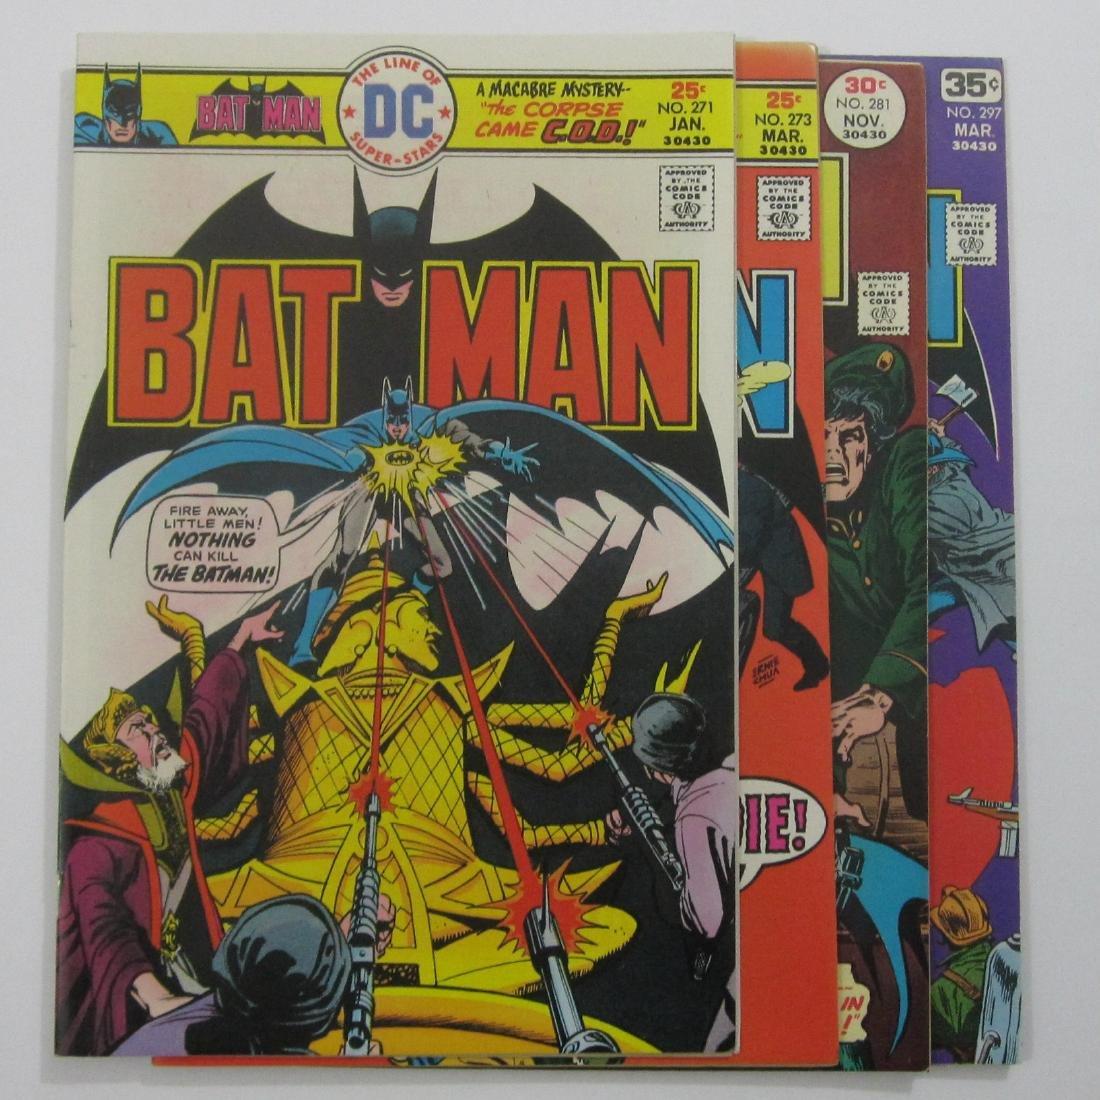 Batman Comics (DC) #271, 273, 281 & 297